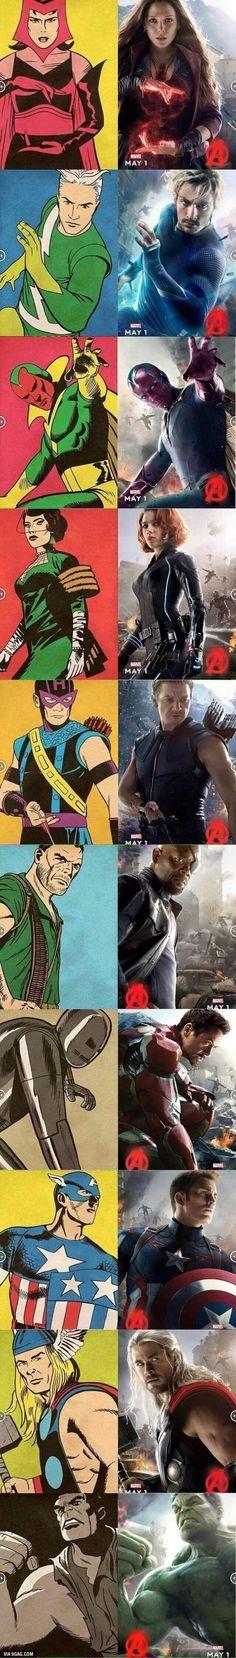 Vengadores originales en comparación con los carteles de la película